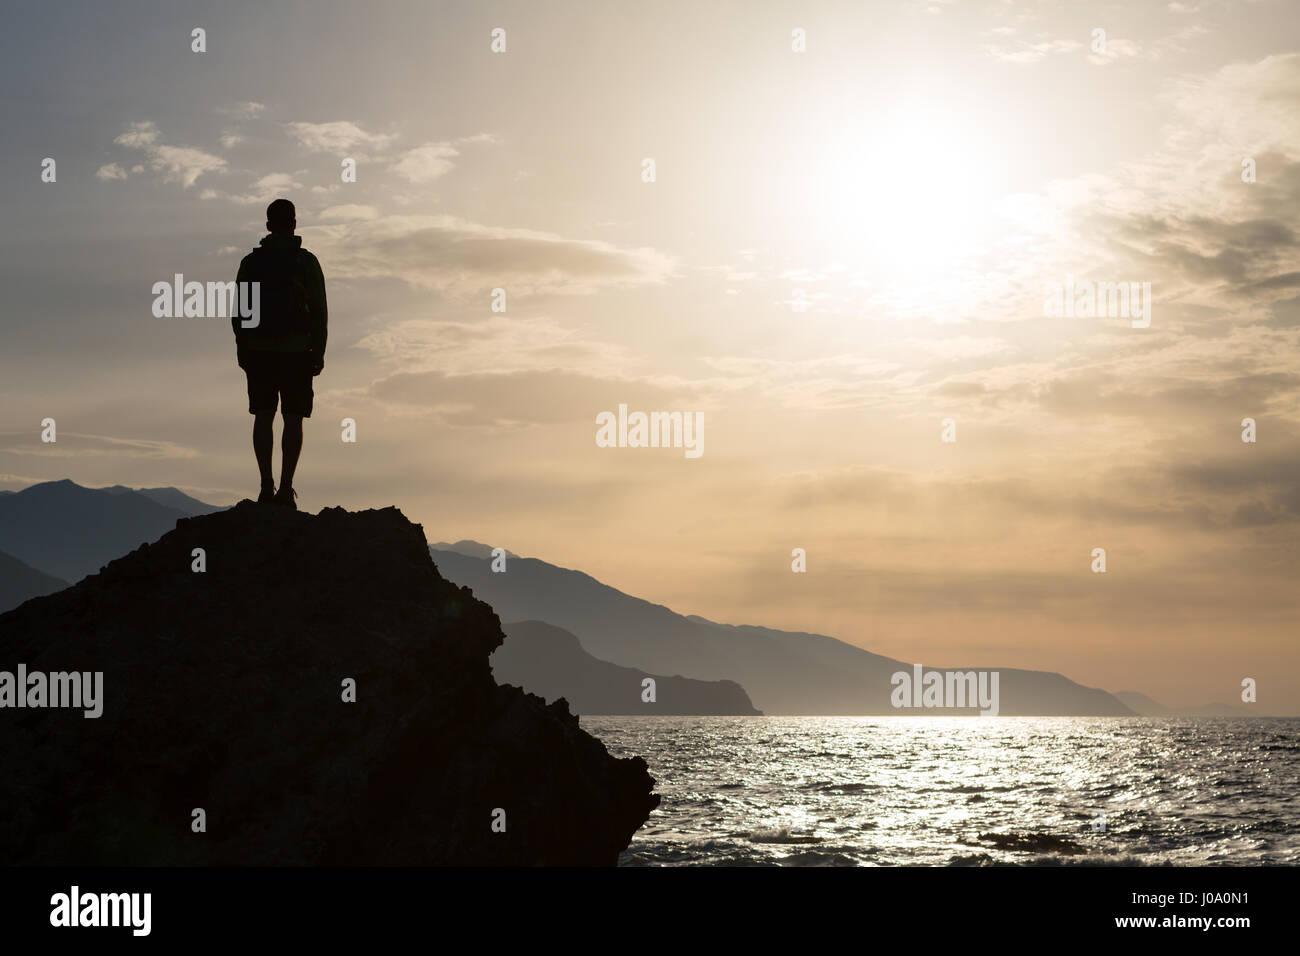 Wanderer oder Läufer Silhouette Backpacker, Mann, Blick auf inspirierende Ozean Landschaft und Inseln auf Berggipfel. Stockbild